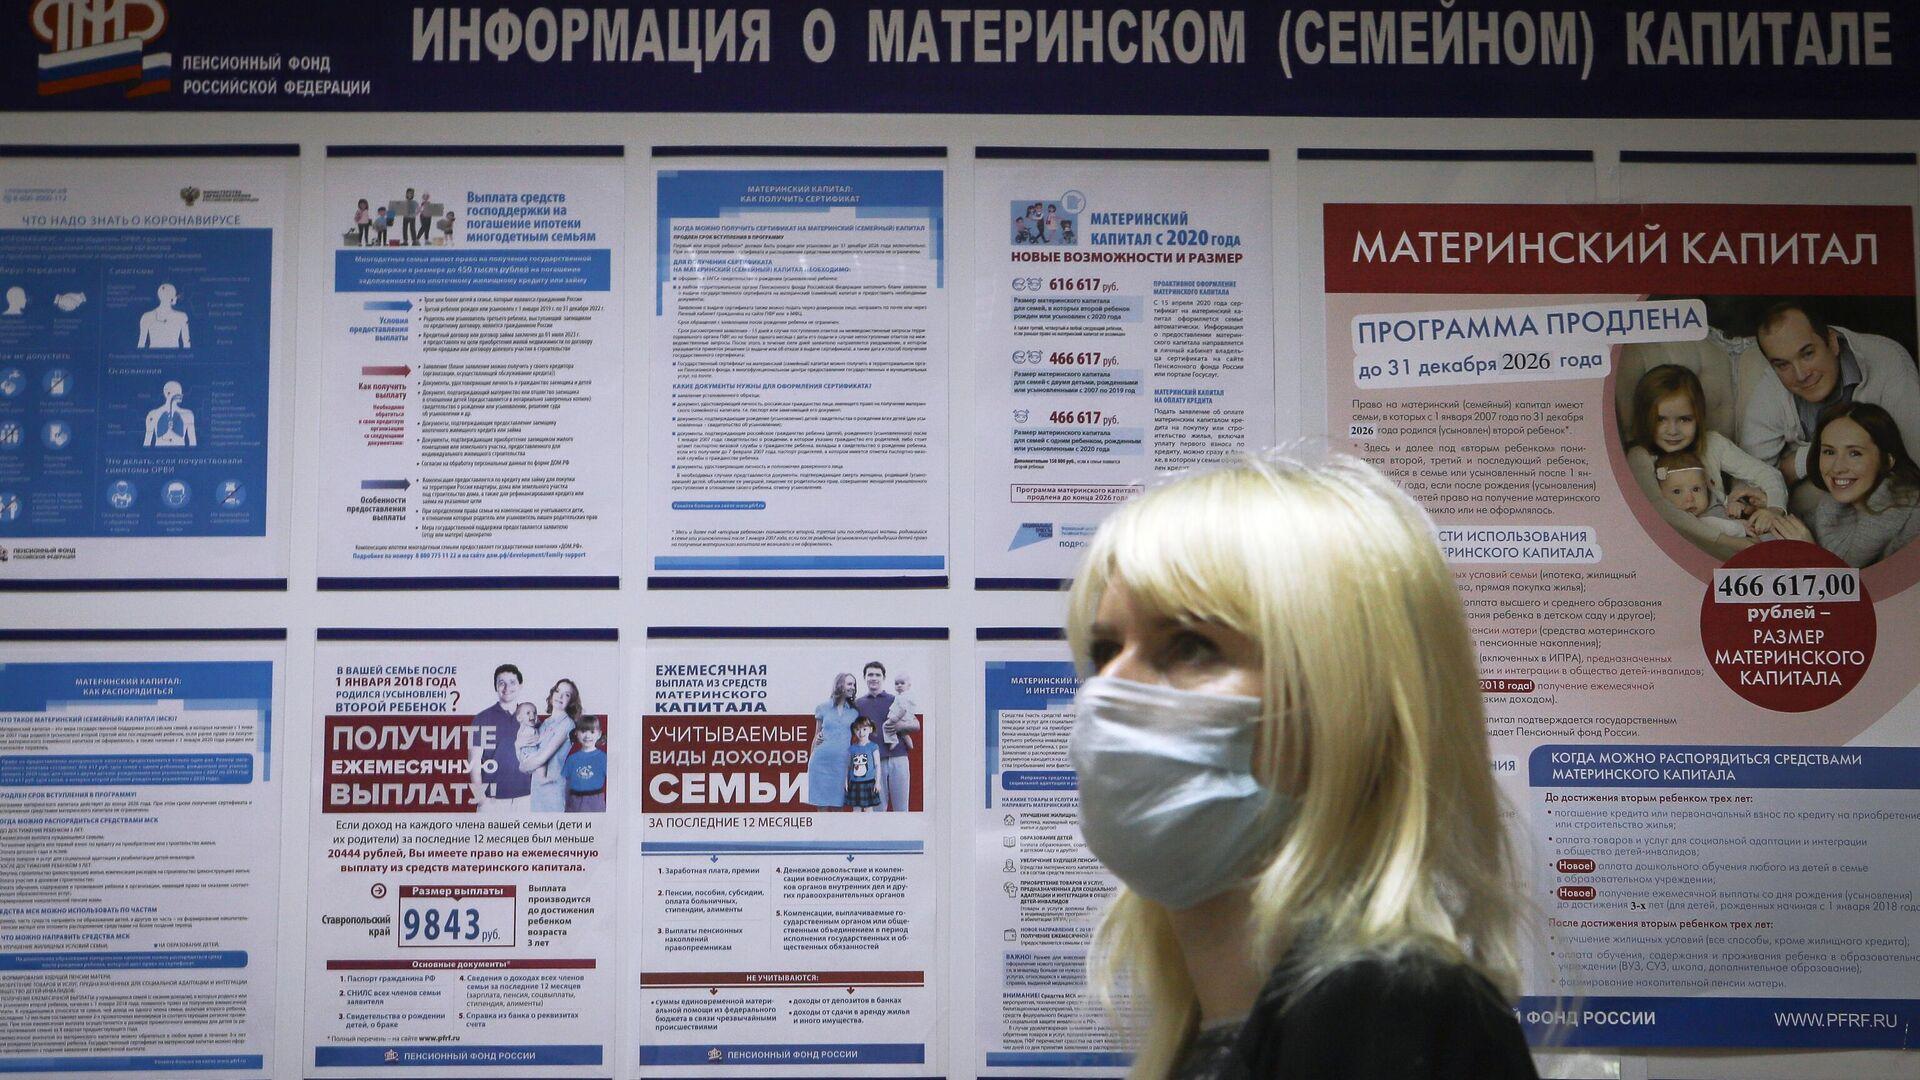 Посетительница возле информационного стенда о материнском капитале в отделении пенсионного фонда - РИА Новости, 1920, 09.09.2020